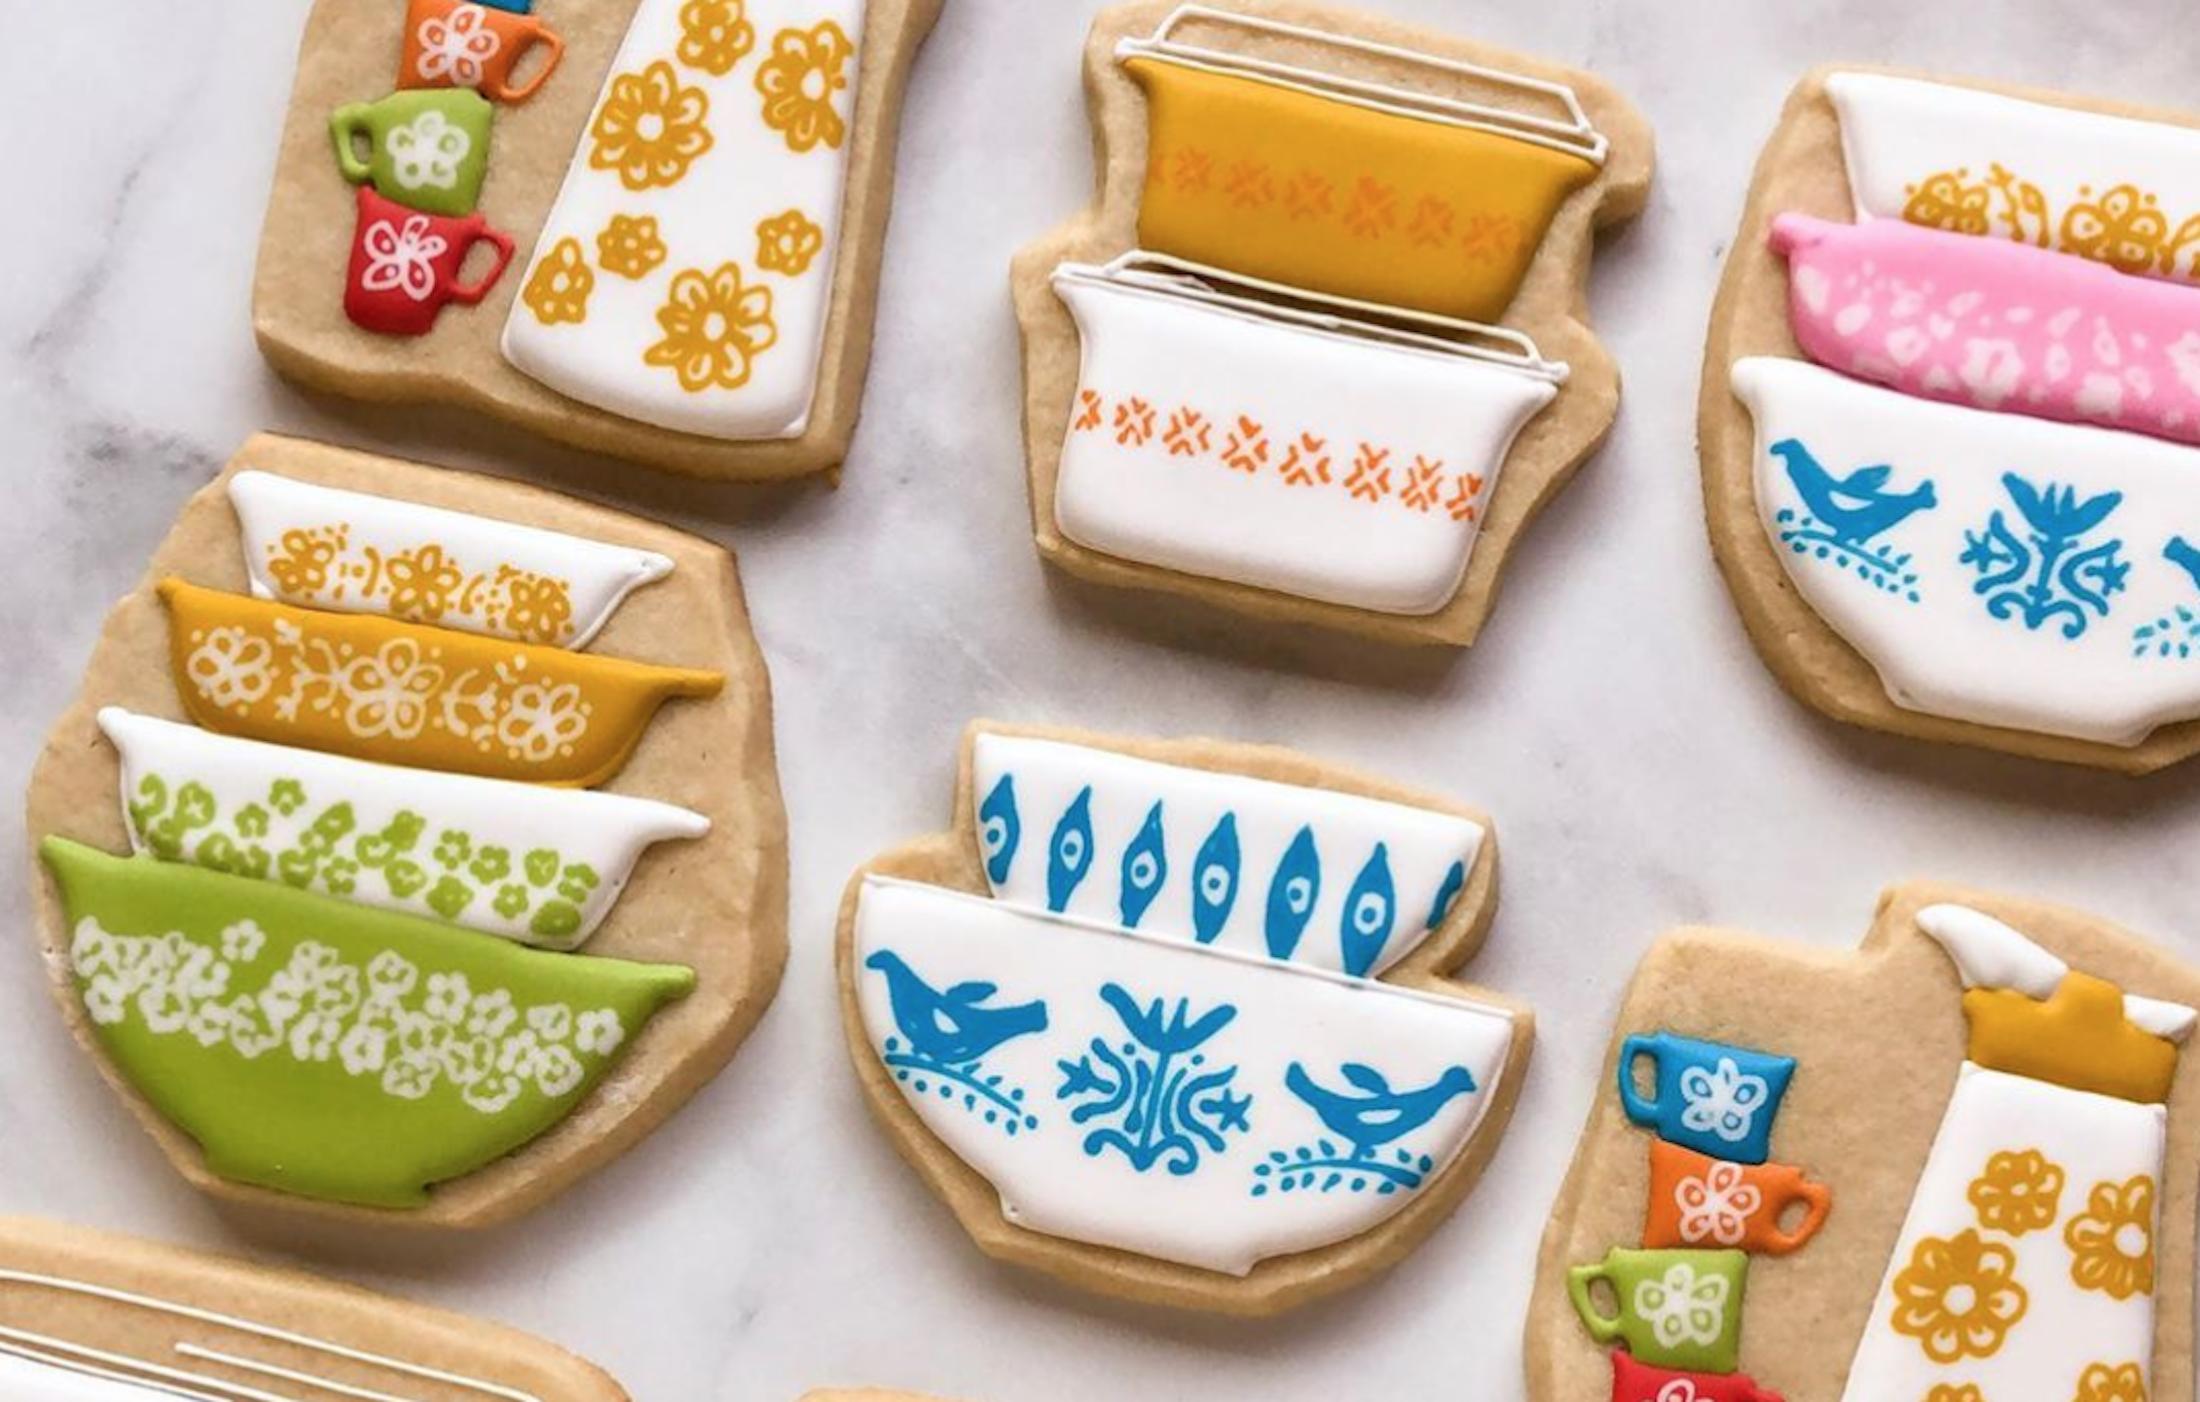 vintage-inspired-cookies